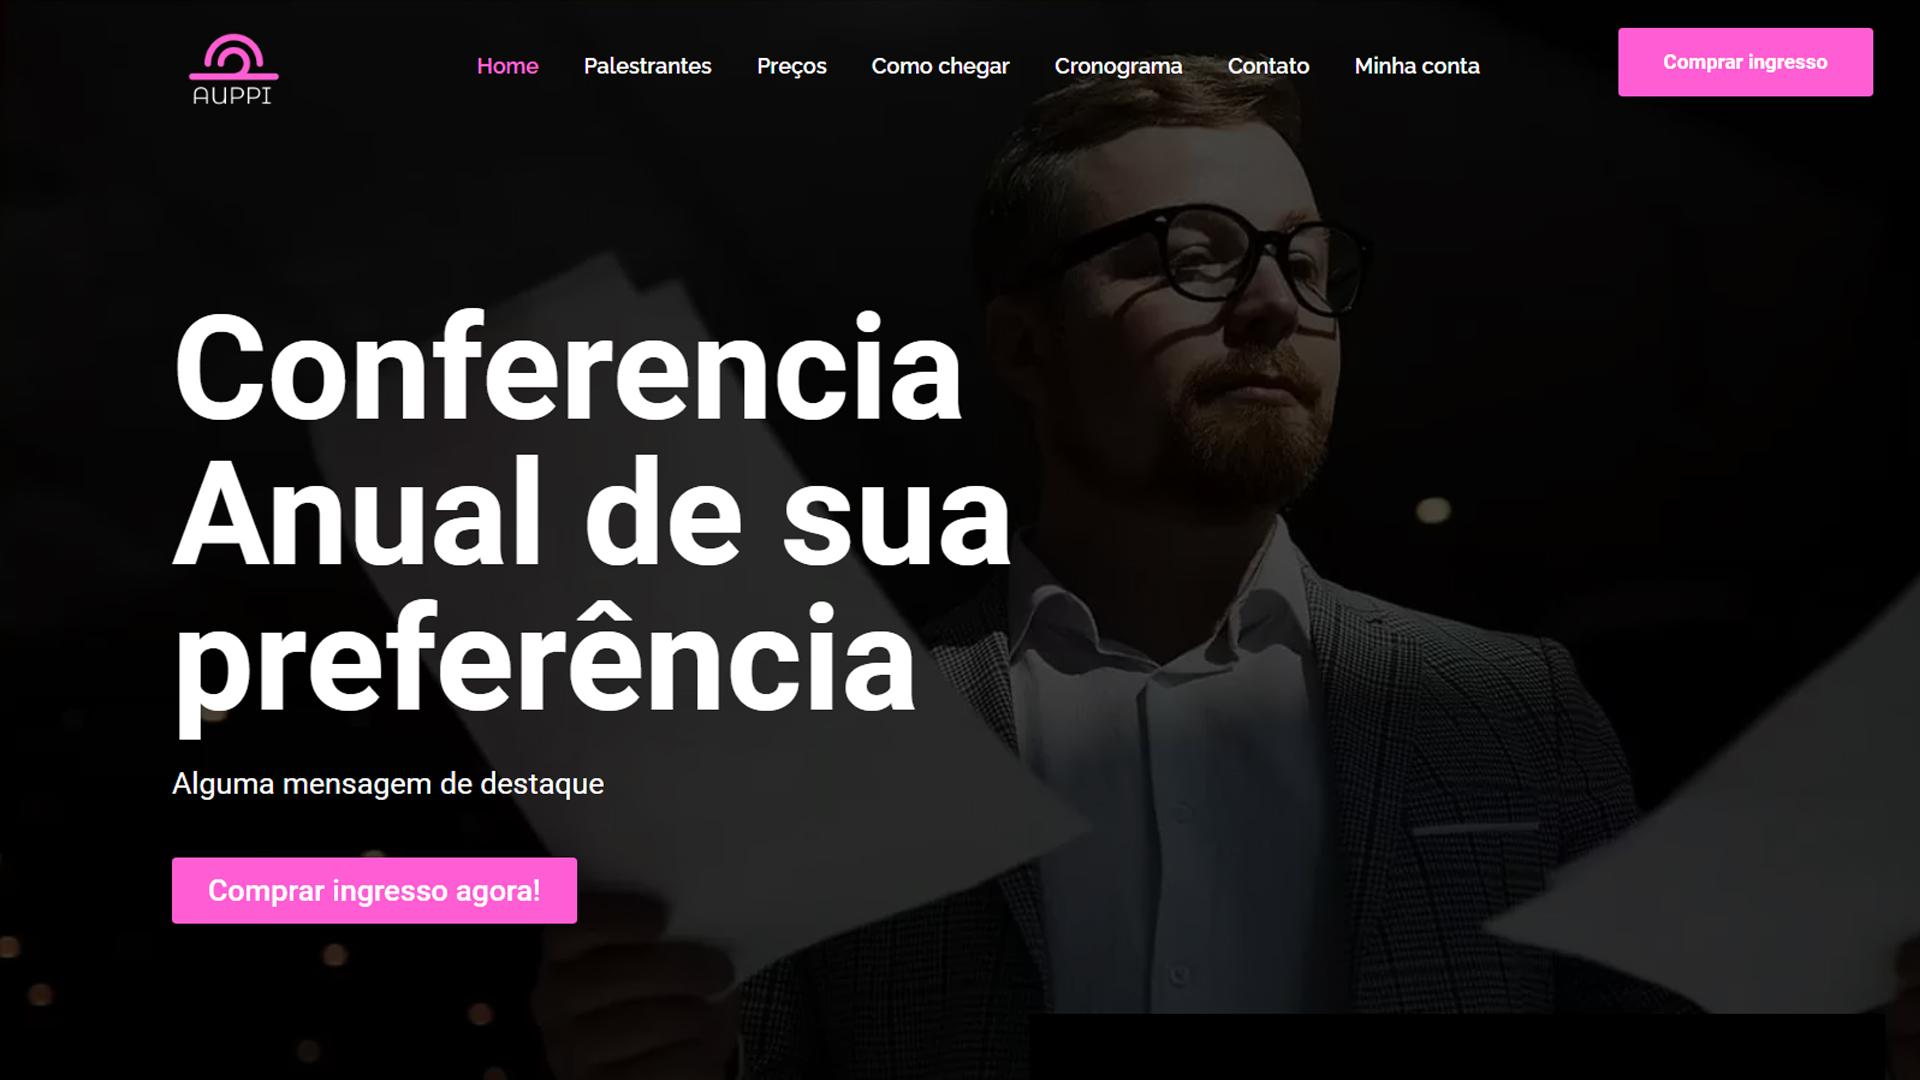 portfolio criação de sites modelo conferencia